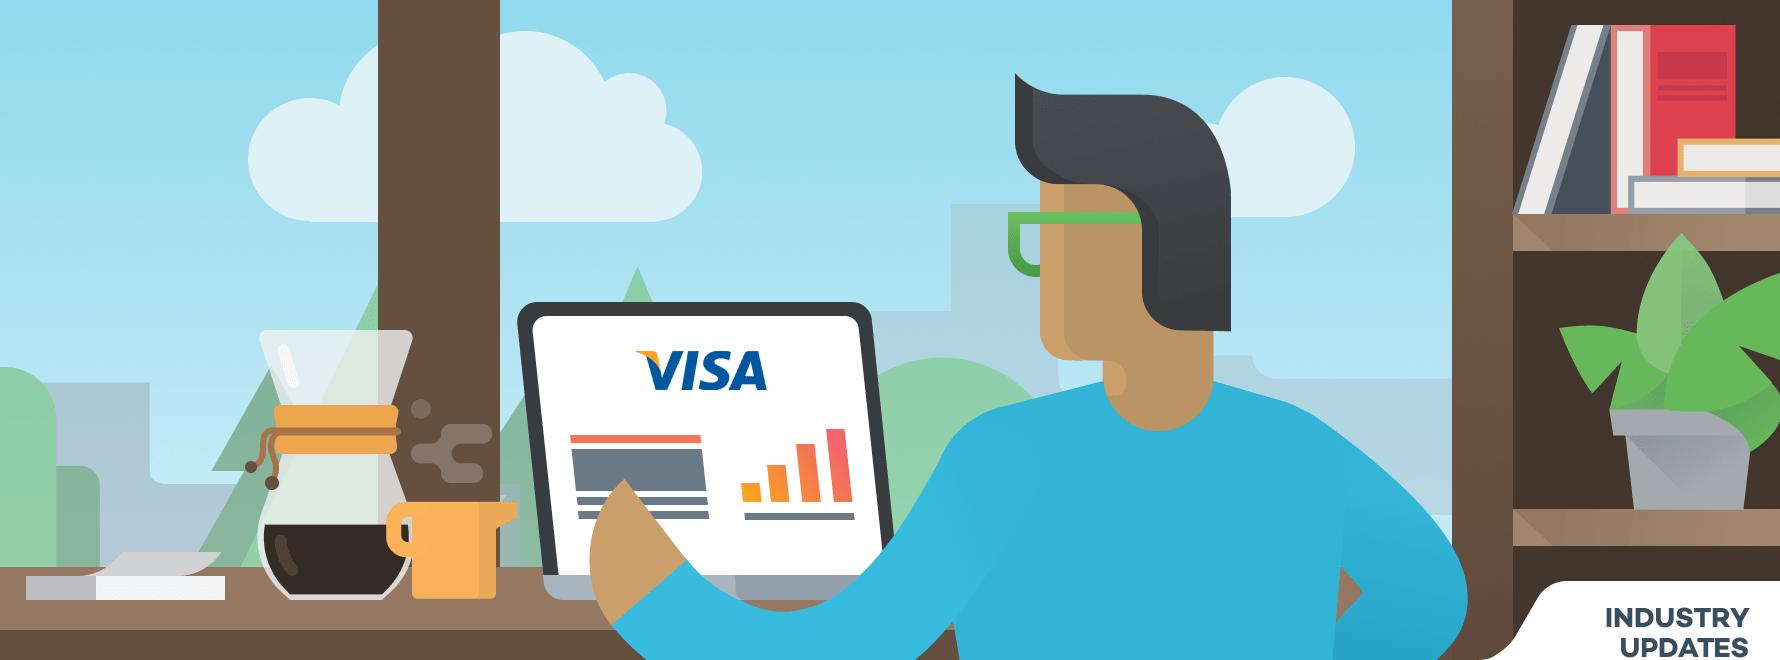 visa merchant services credit card rates